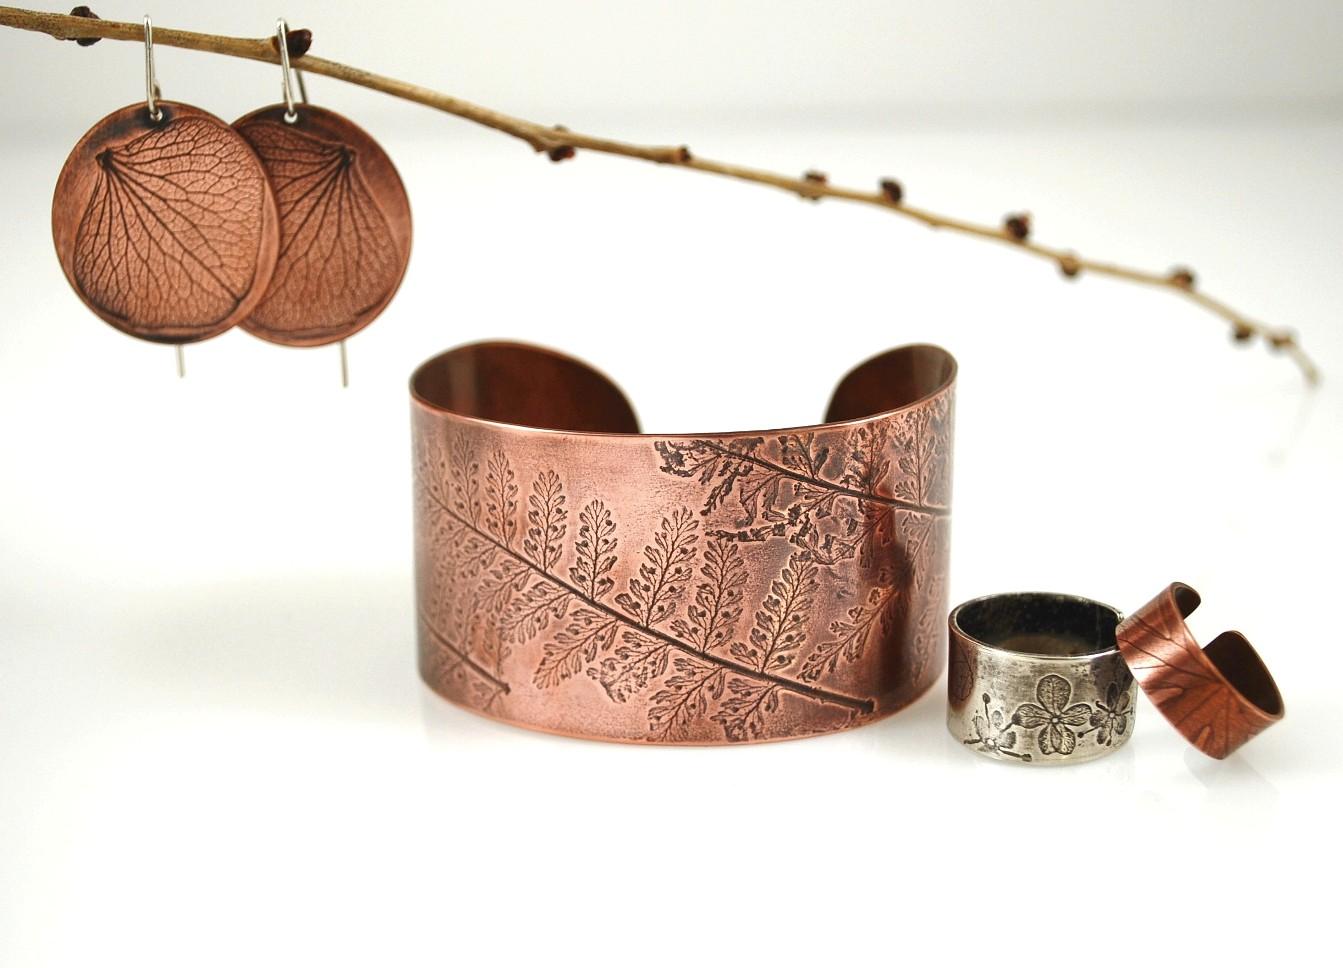 http://1.bp.blogspot.com/-vnQ31A35EHY/TeuBGzayb1I/AAAAAAAAAx0/N2ttapXc_n0/s1600/Tigerlillyshop+Pressed+Nature+Jewelry.JPG